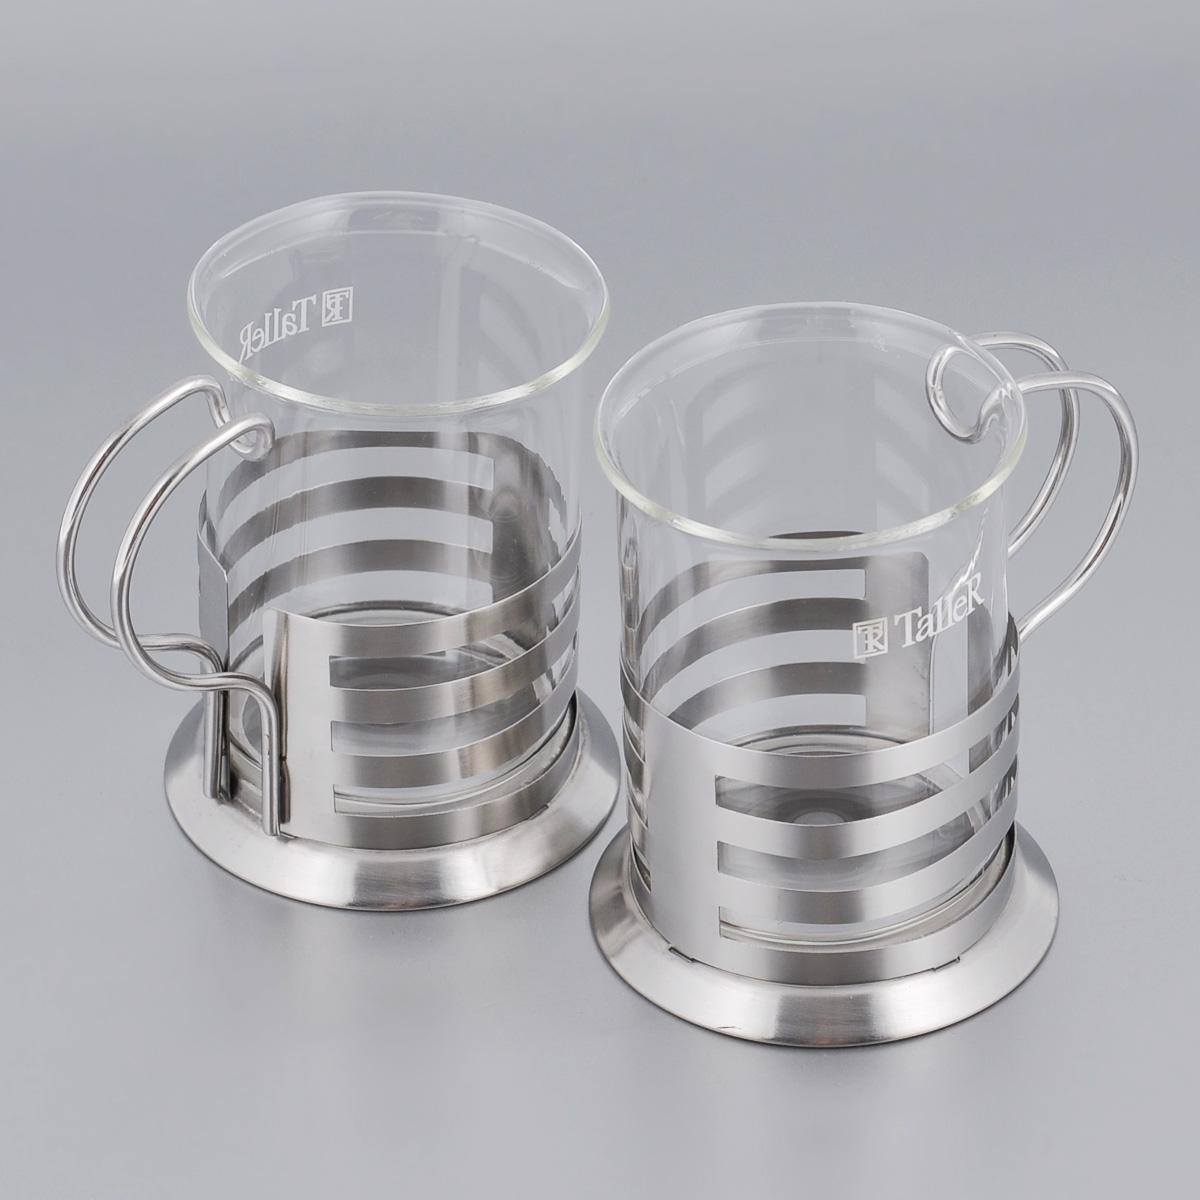 Набор чашек Taller Gregory, 200 мл, 2 штTR-2308Набор Taller Gregory состоит из двух чашек, изготовленных из высококачественной нержавеющей стали 18/10 и боросиликатного стекла. Удобная ручка обеспечит надежную фиксацию в руке. Красочность оформления набора придется по вкусу и ценителям классики, и тем, кто предпочитает утонченность и изысканность. Можно мыть в посудомоечной машине при температуре 65°С. Объем чашек: 200 мл. Диаметр по верхнему краю: 6,5 см. Высота стенок: 8,5 см.